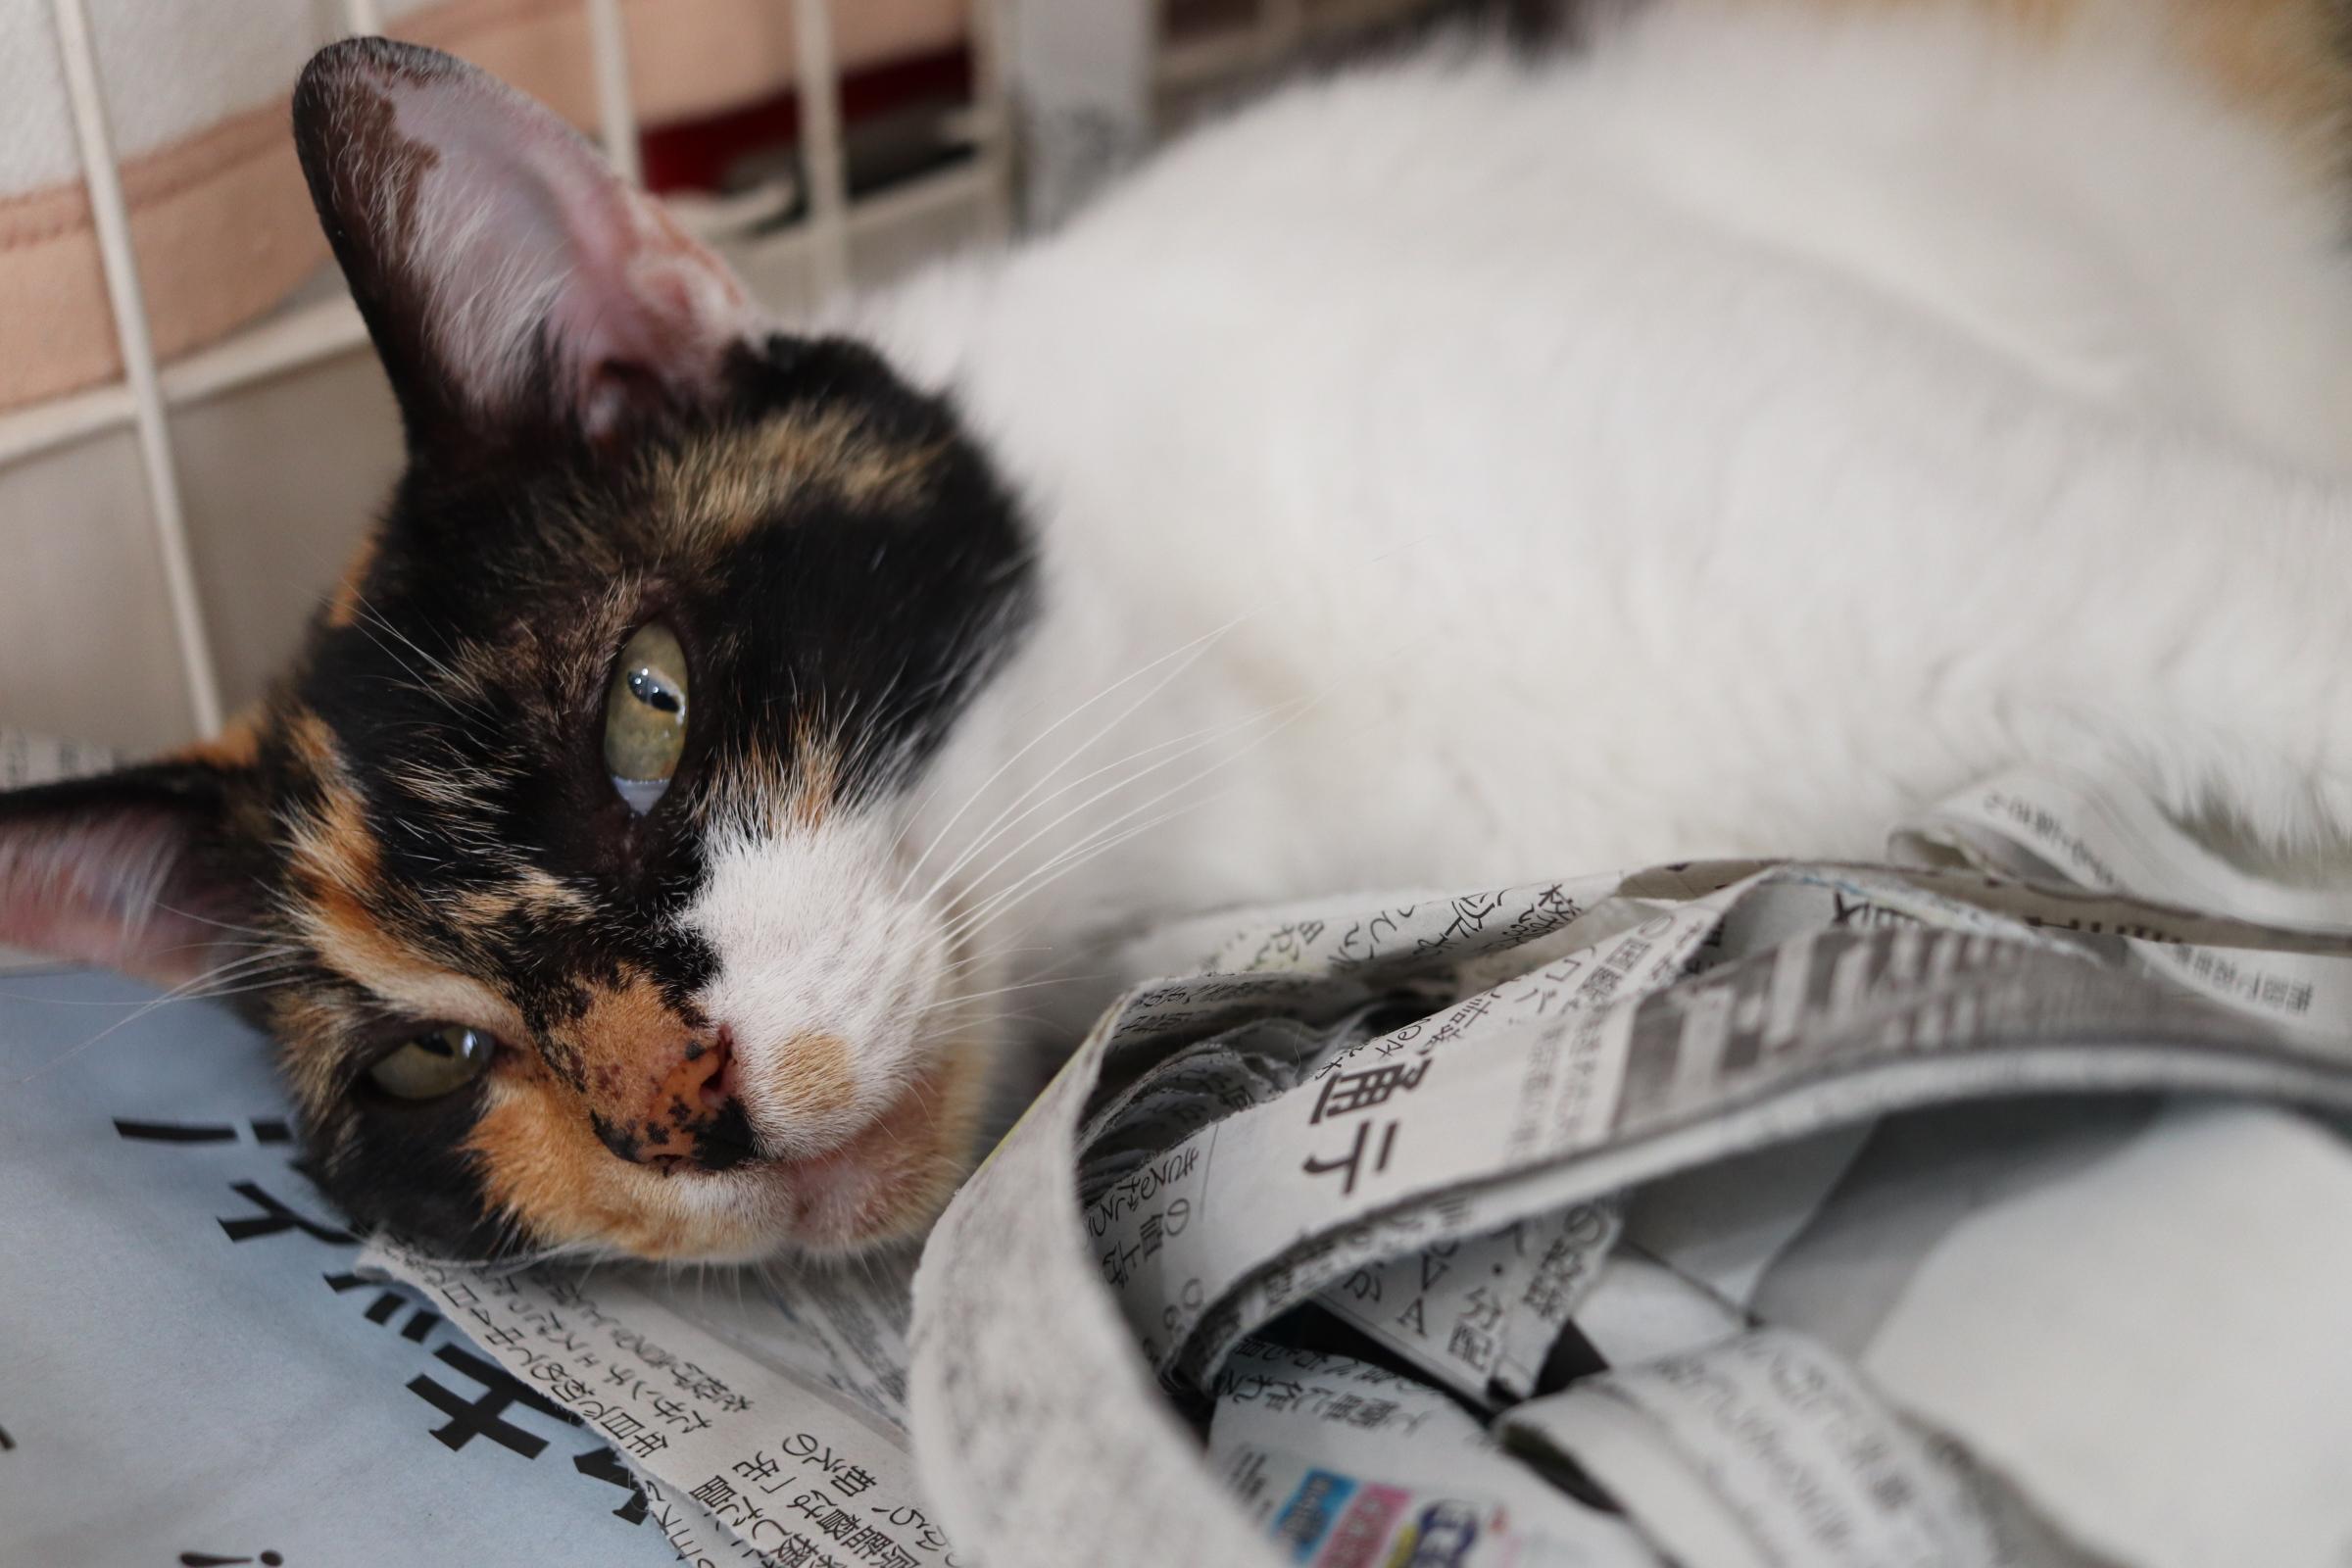 <ul> <li>猫種:日本猫</li> <li>性別:女の子</li> <li>名前:みかん</li> <li>年齢:2014年春頃生まれ</li> <li>保護経緯:同居が始まった家族が猫アレルギーのため飼育困難</li> </ul>